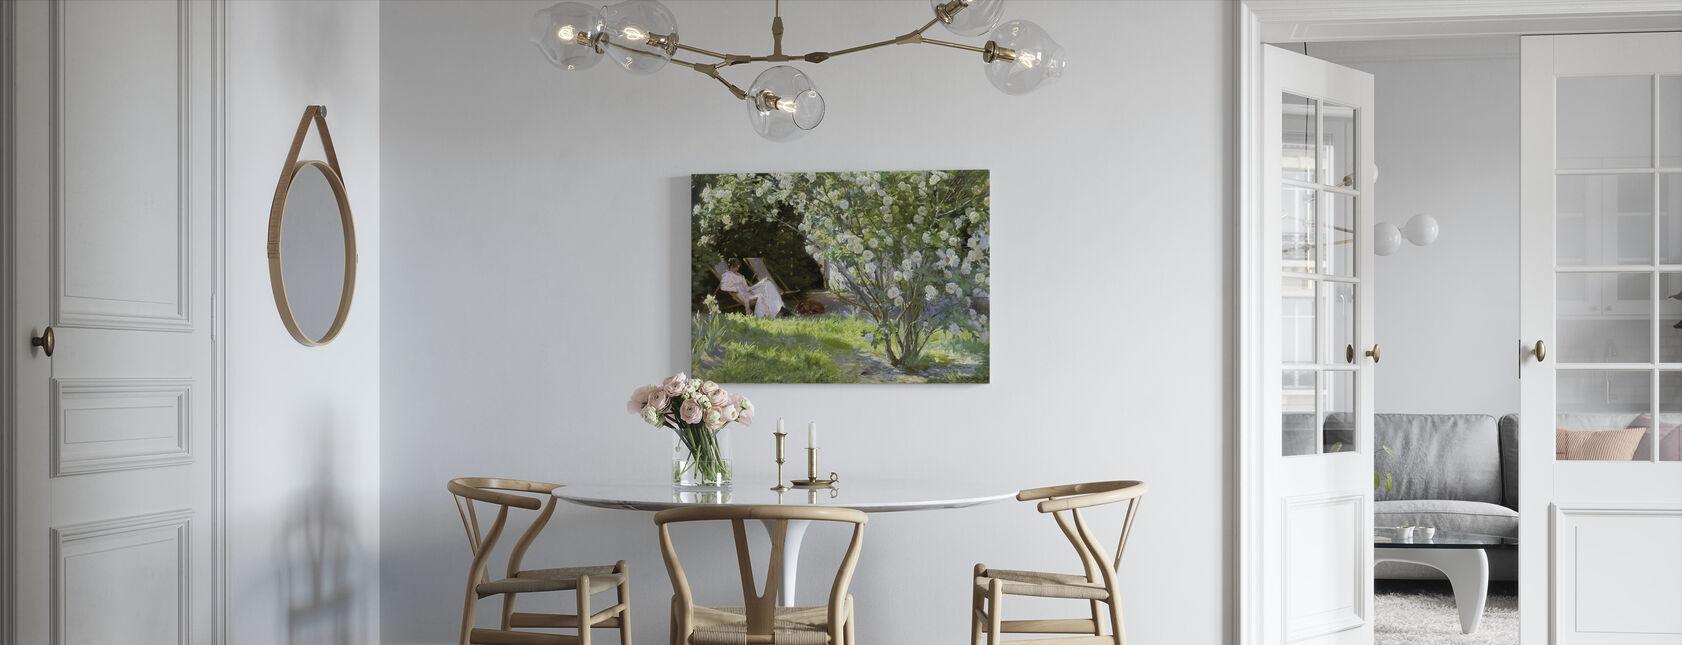 The Artist's Wife in the Garden at Skagen - Peder Severin Kroyer - Canvas print - Kitchen